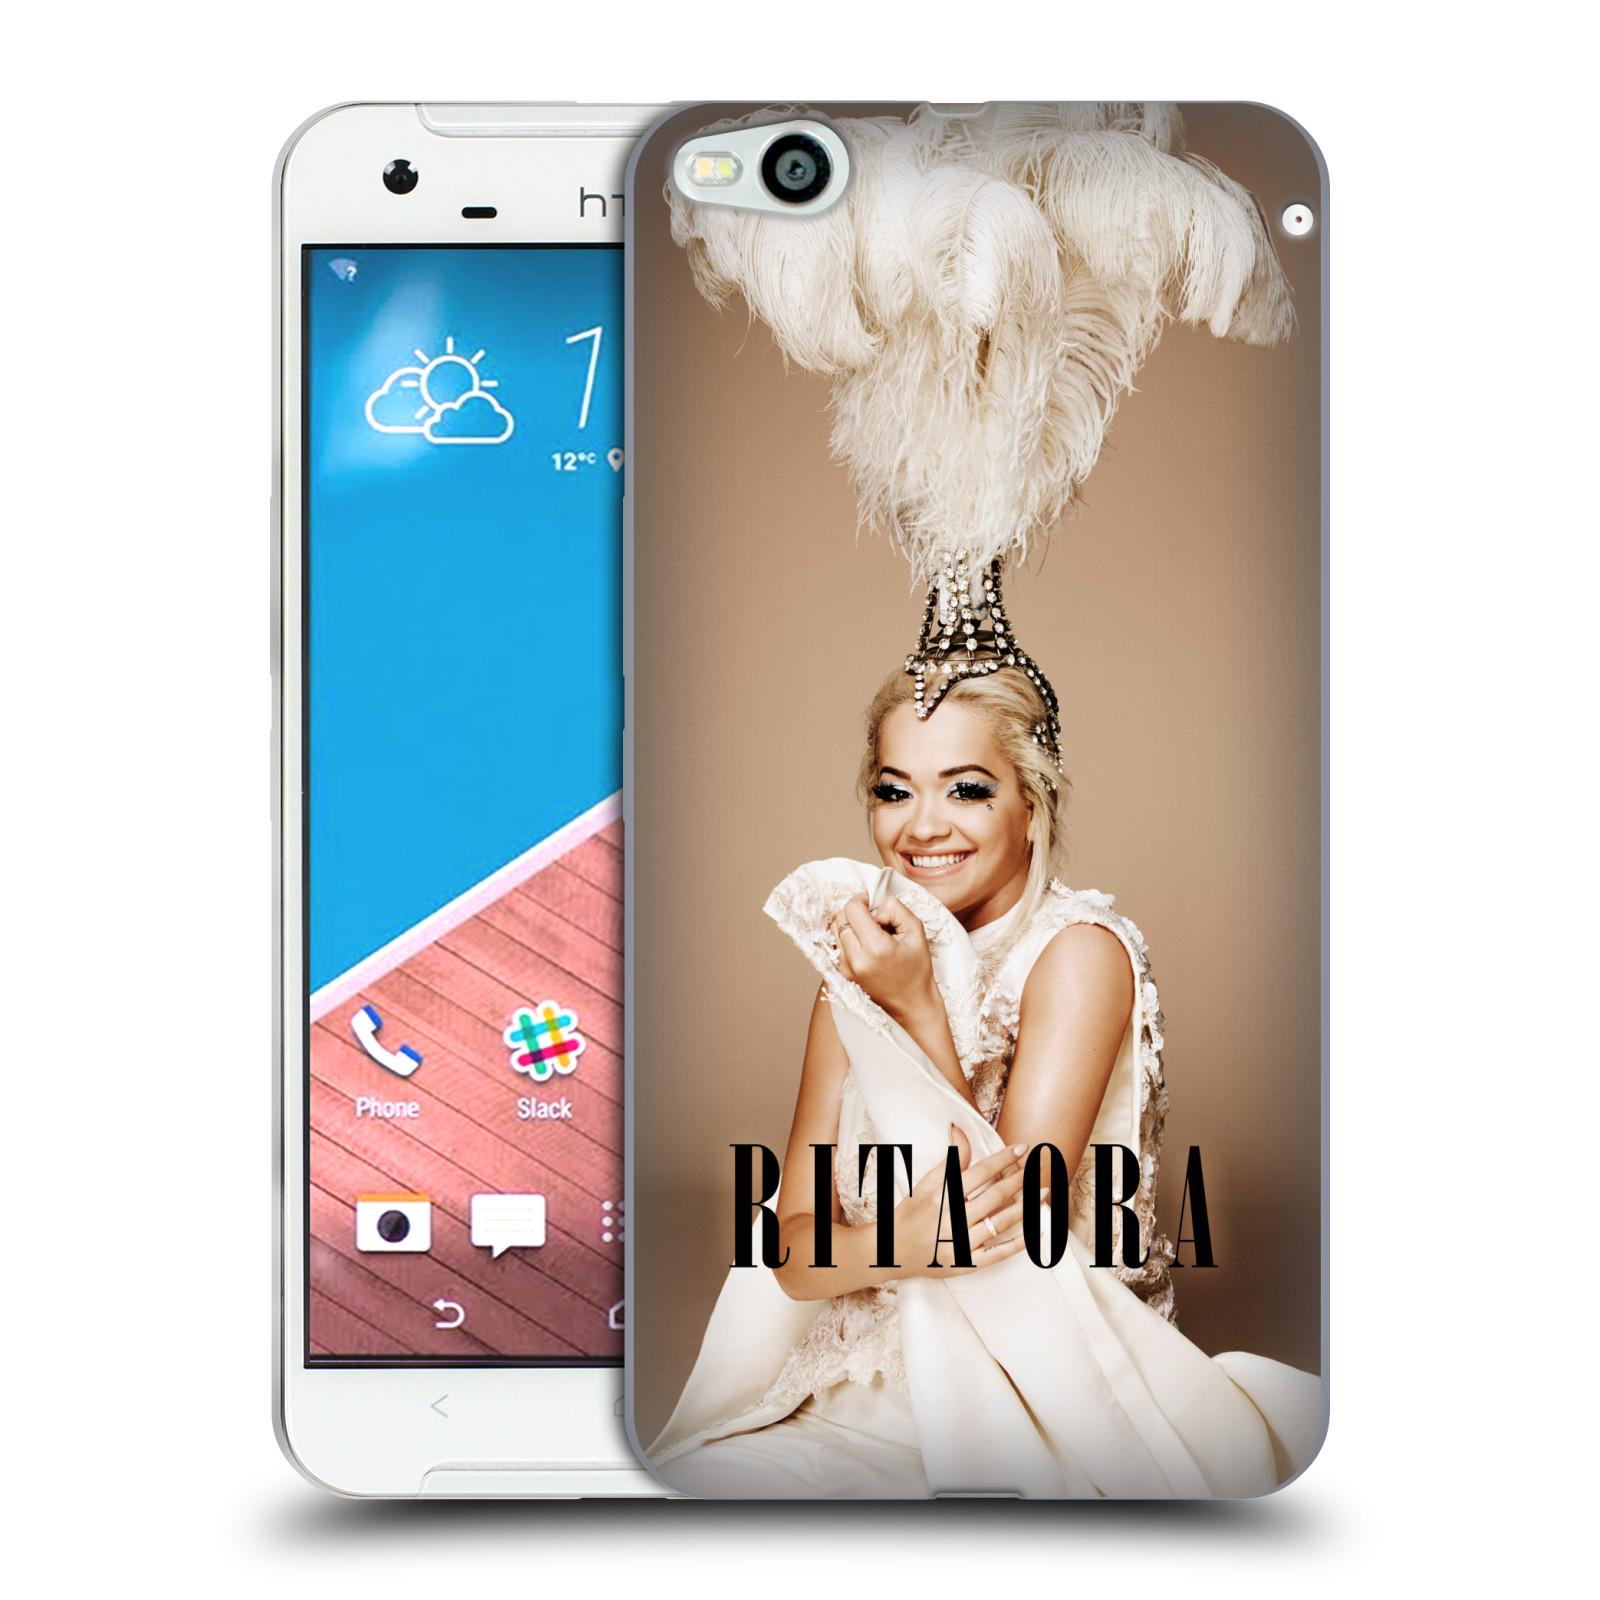 HEAD CASE silikonový obal na mobil  HTC One X9 zpěvačka Rita Ora peří